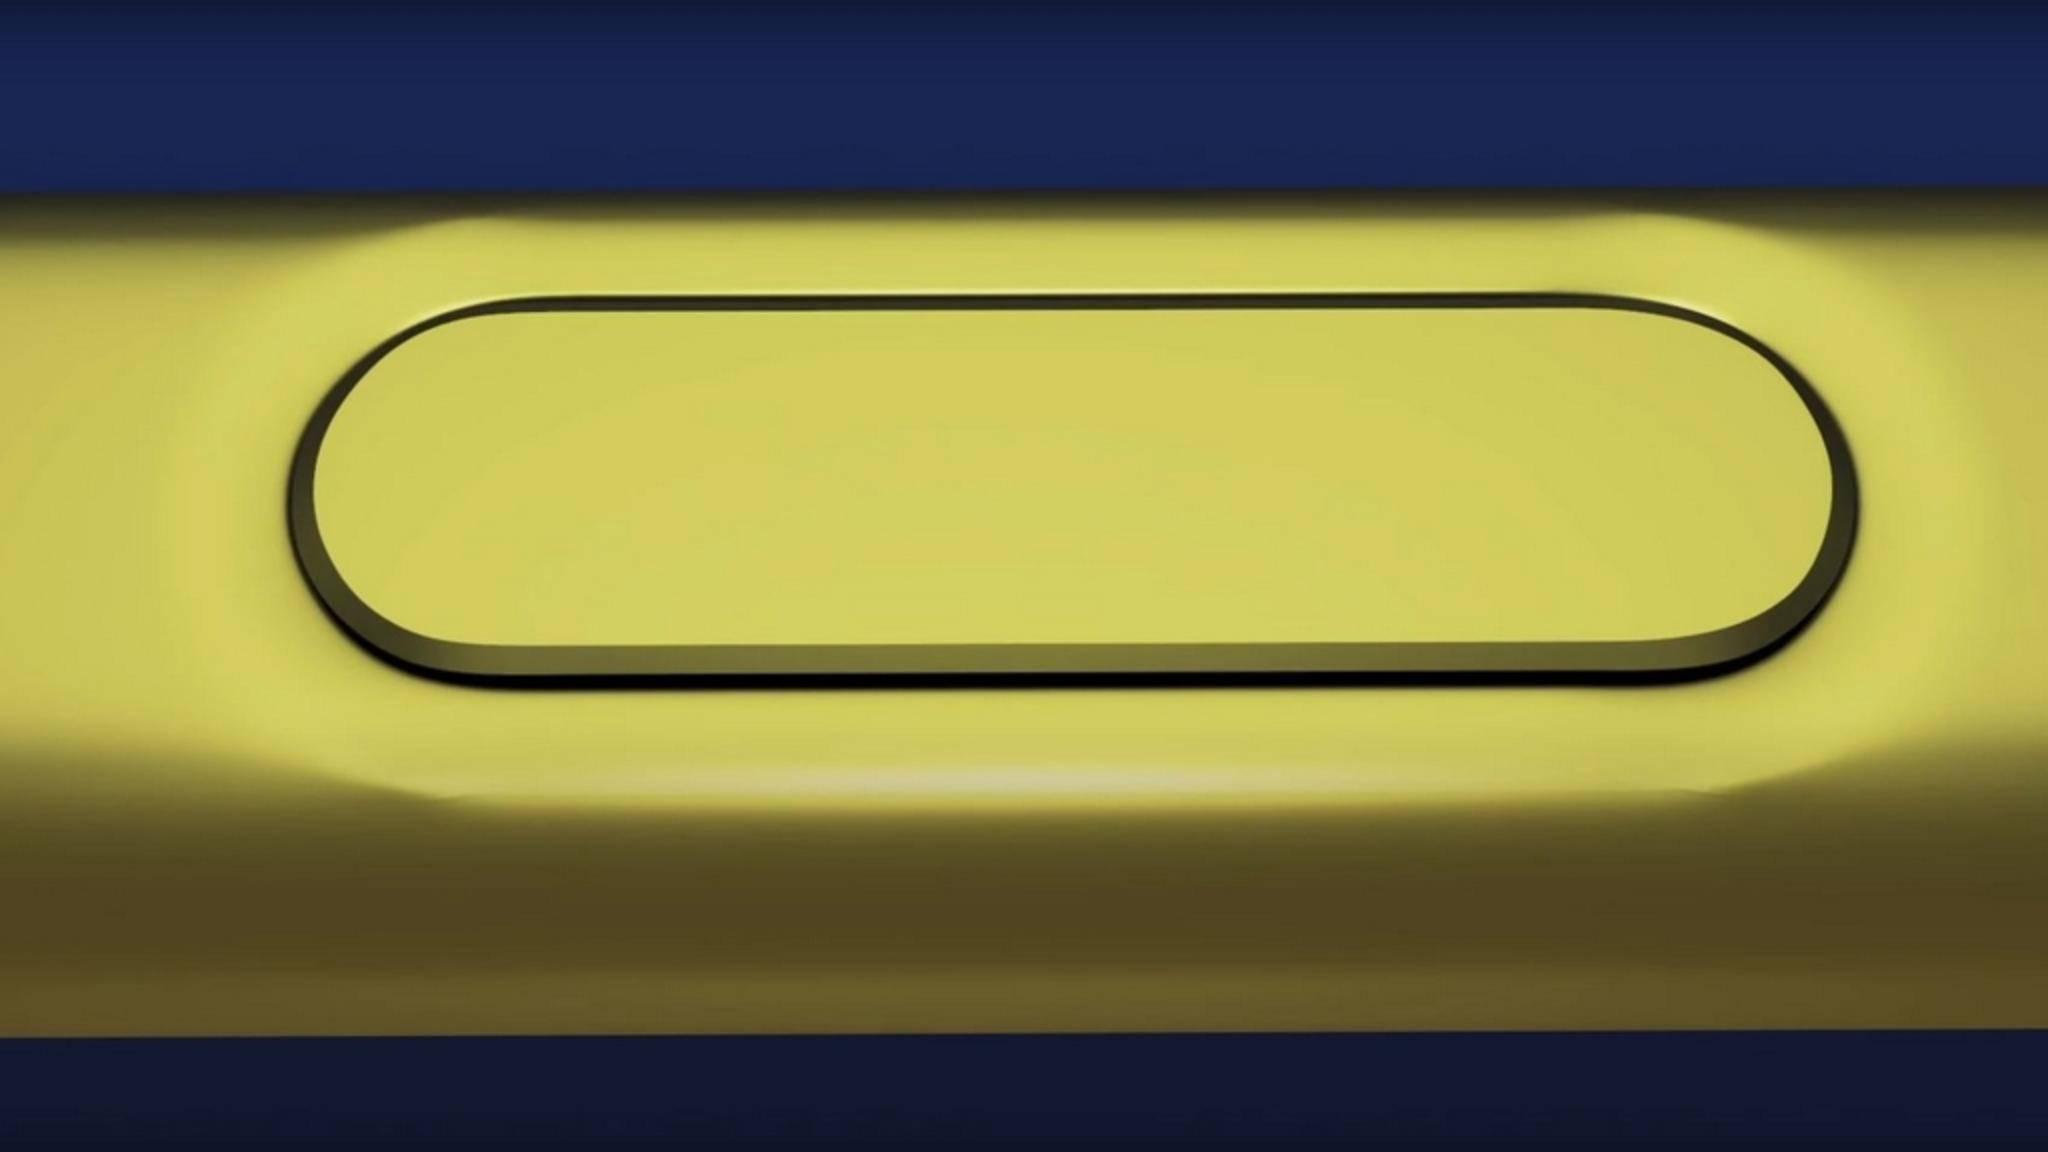 Der S-Pen des Samsung Galaxy Note 9 soll über Bluetooth verfügen.